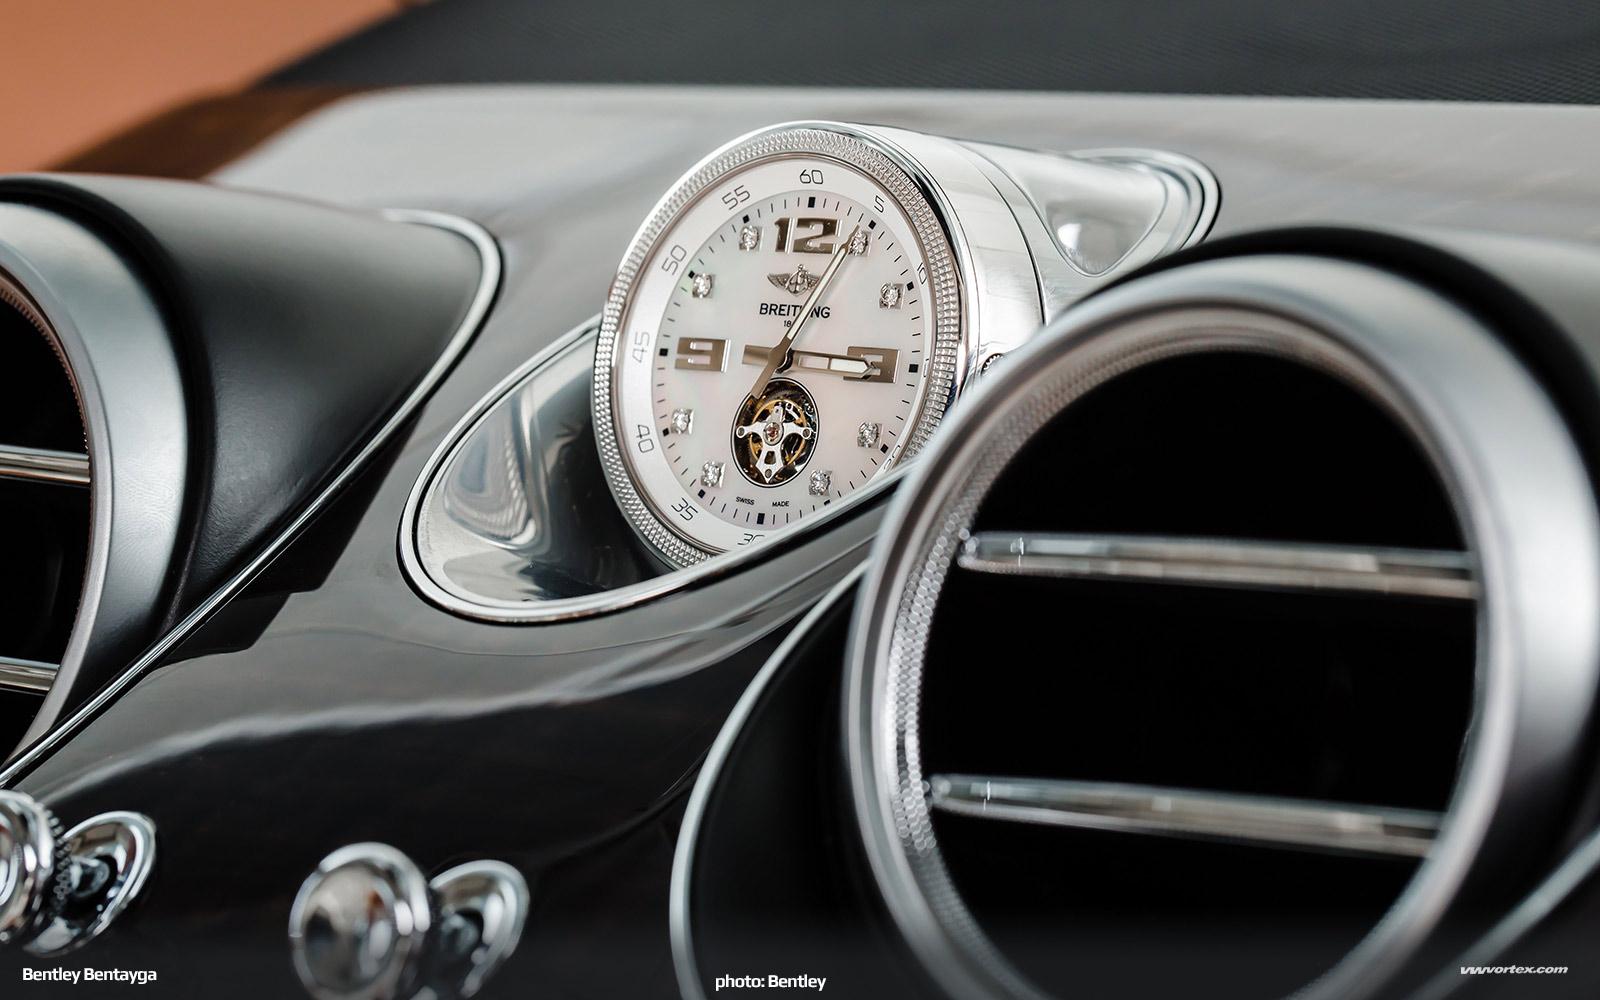 Bentley-Bentayga-SUV-crossover-2016-452